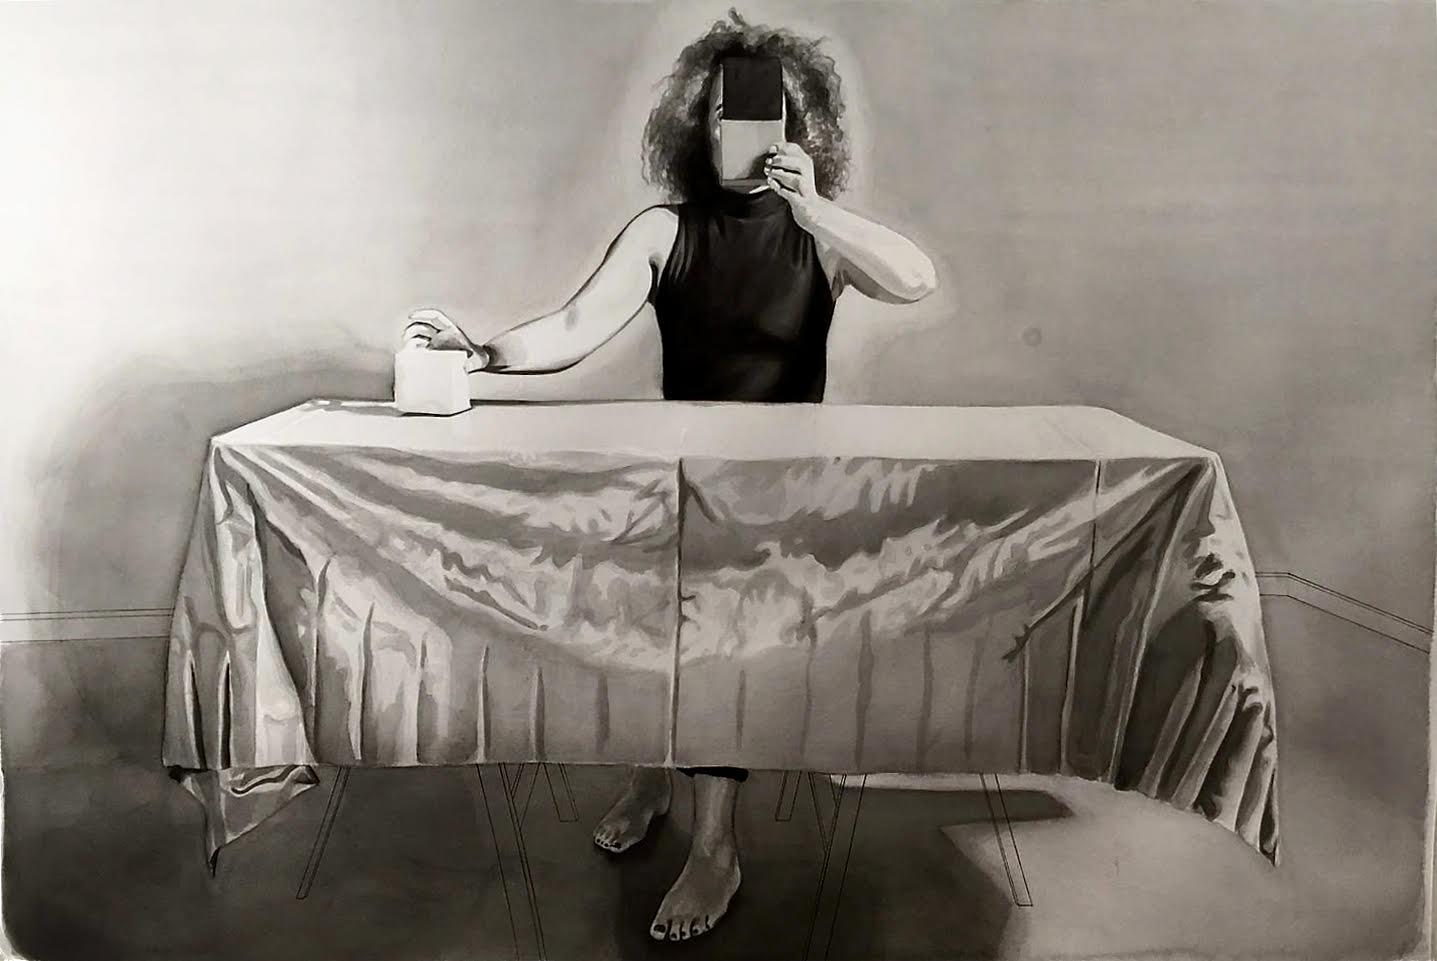 Sónia Carvalho, Making Choices Readymade_B, 2019 Aguarela sobre papel, 106x150cm